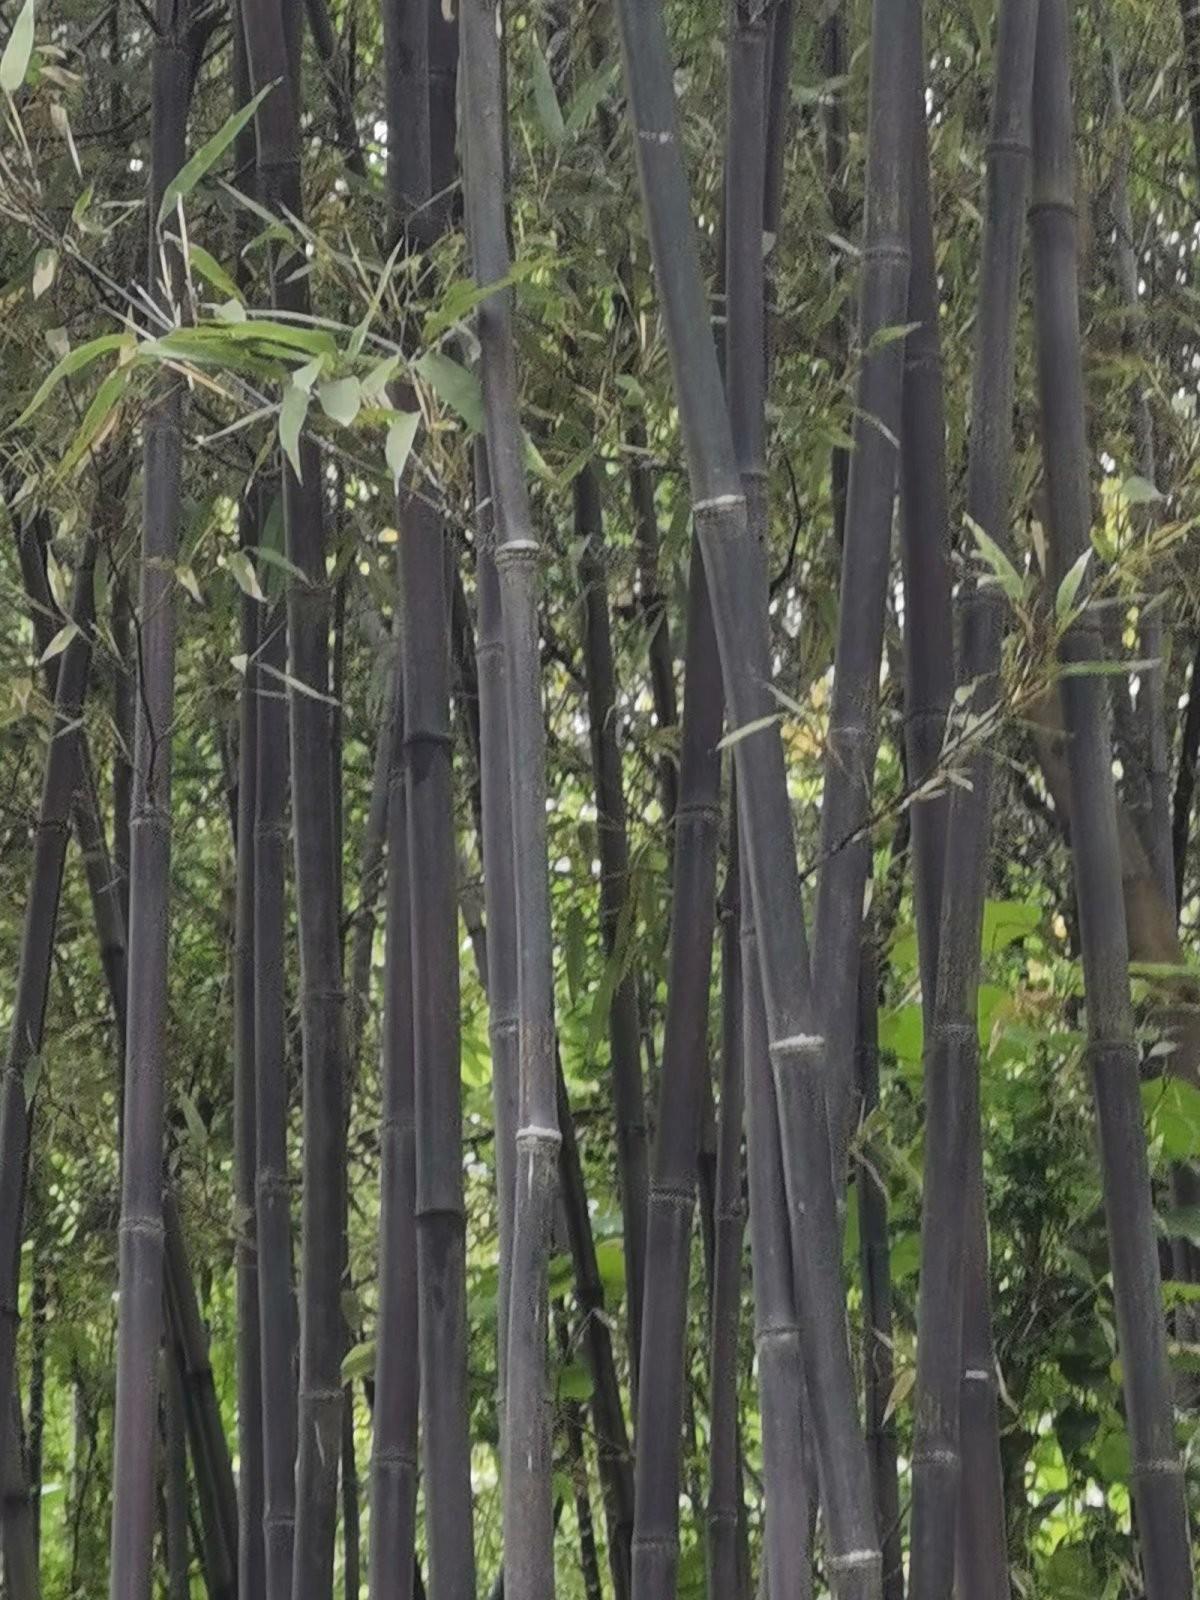 苏家老头哪里逃,黑色竹子找到了,罚你老酒三斗碗,快来了断别讨饶 ..._图1-2